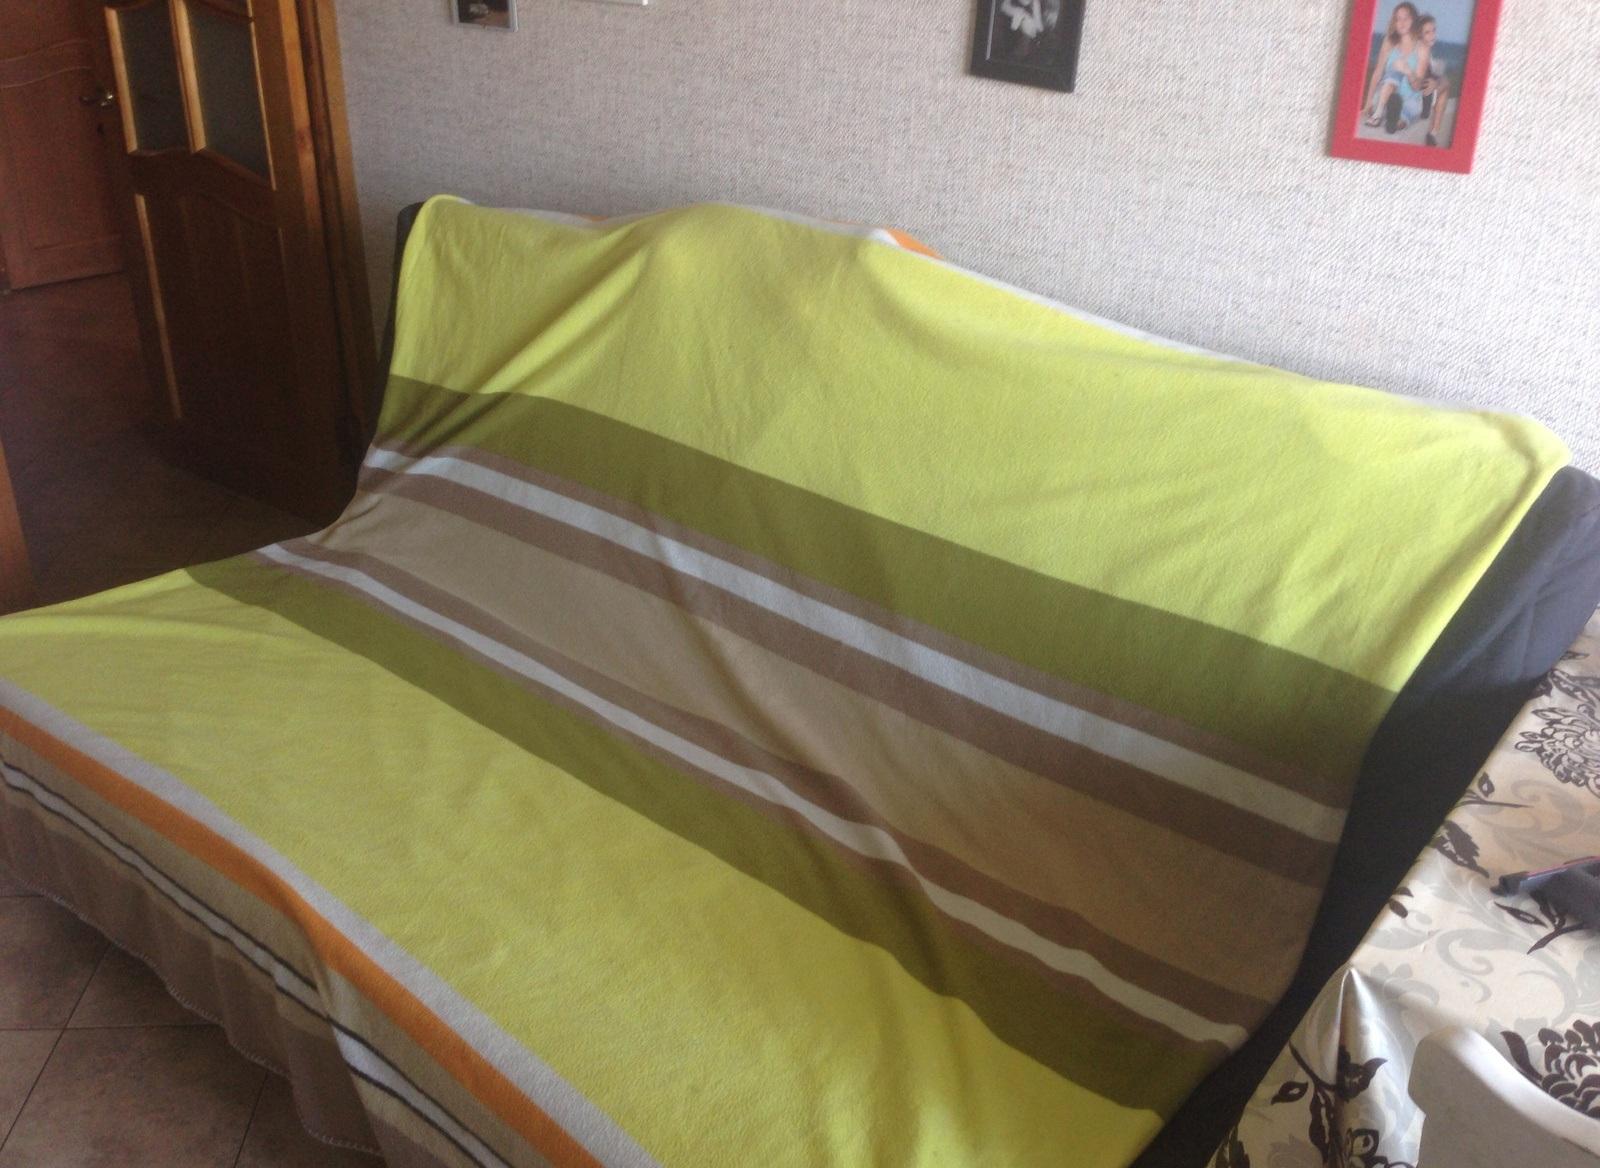 При выбивании диван рекомендуется застелить влажной простыней